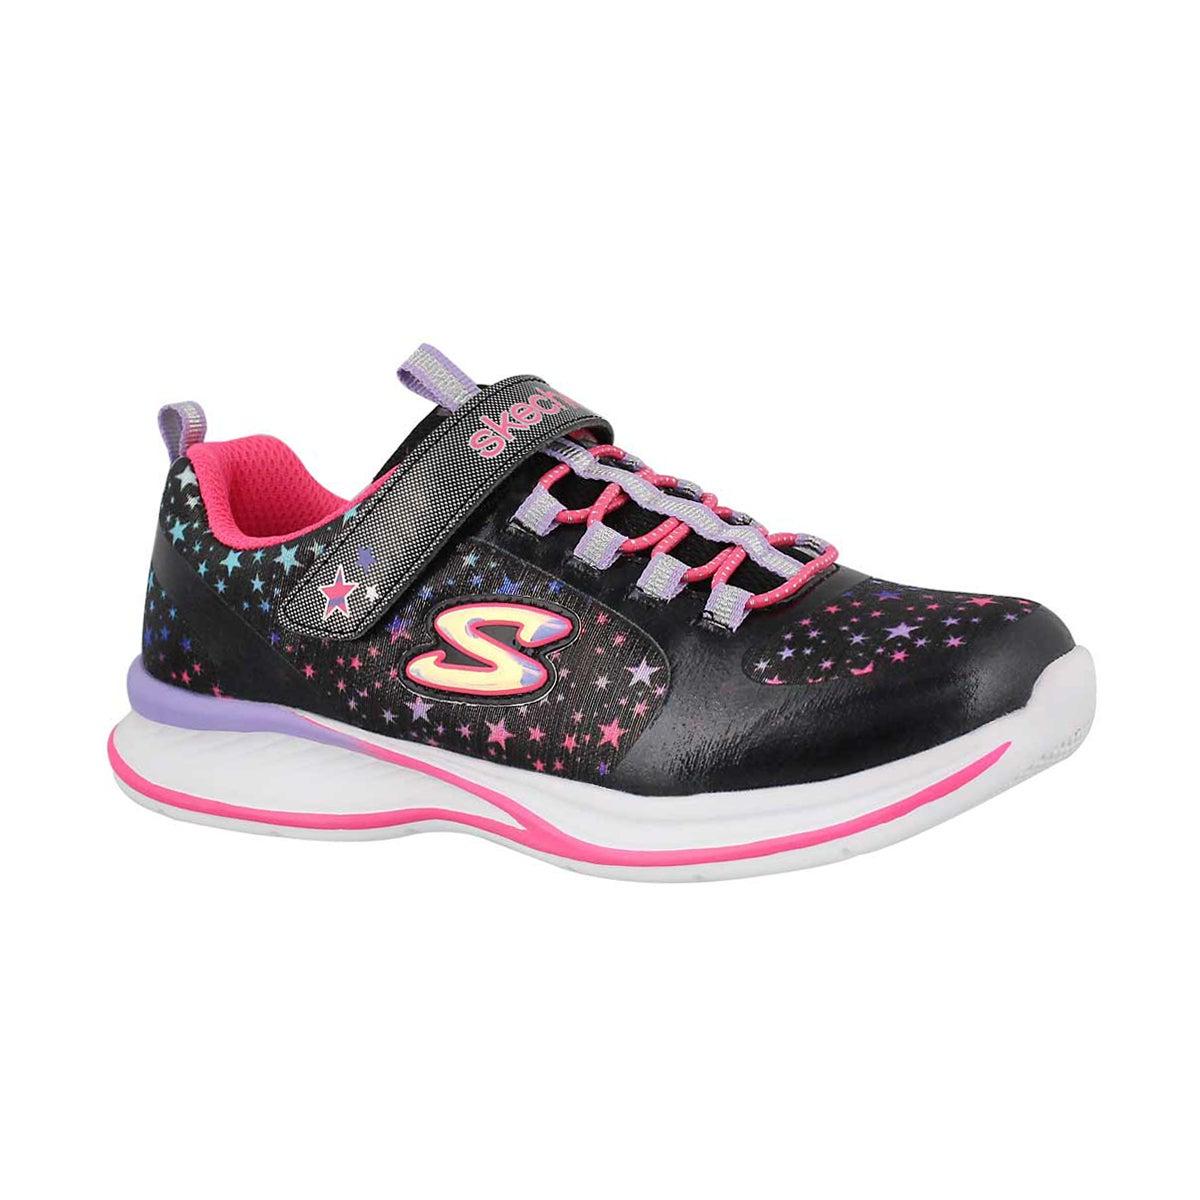 Girls' JUMPIN JAMS COSMIC black/multi sneakers